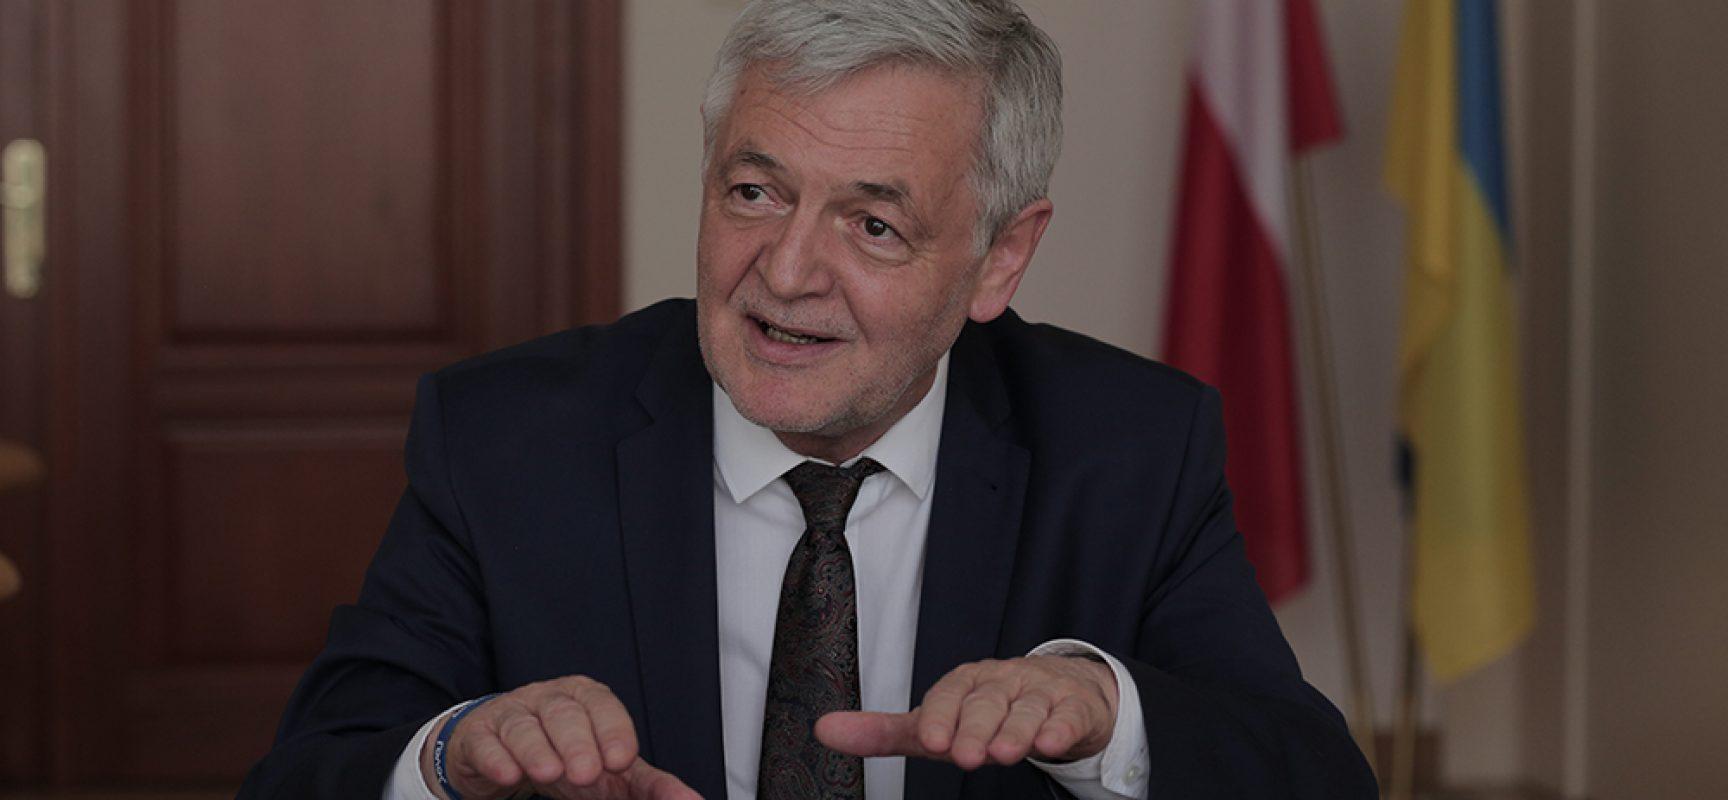 """Fake : L'Ambasciatore polacco vorrebbe uno scenario """"Jugoslavo"""" per l'Ucraina"""